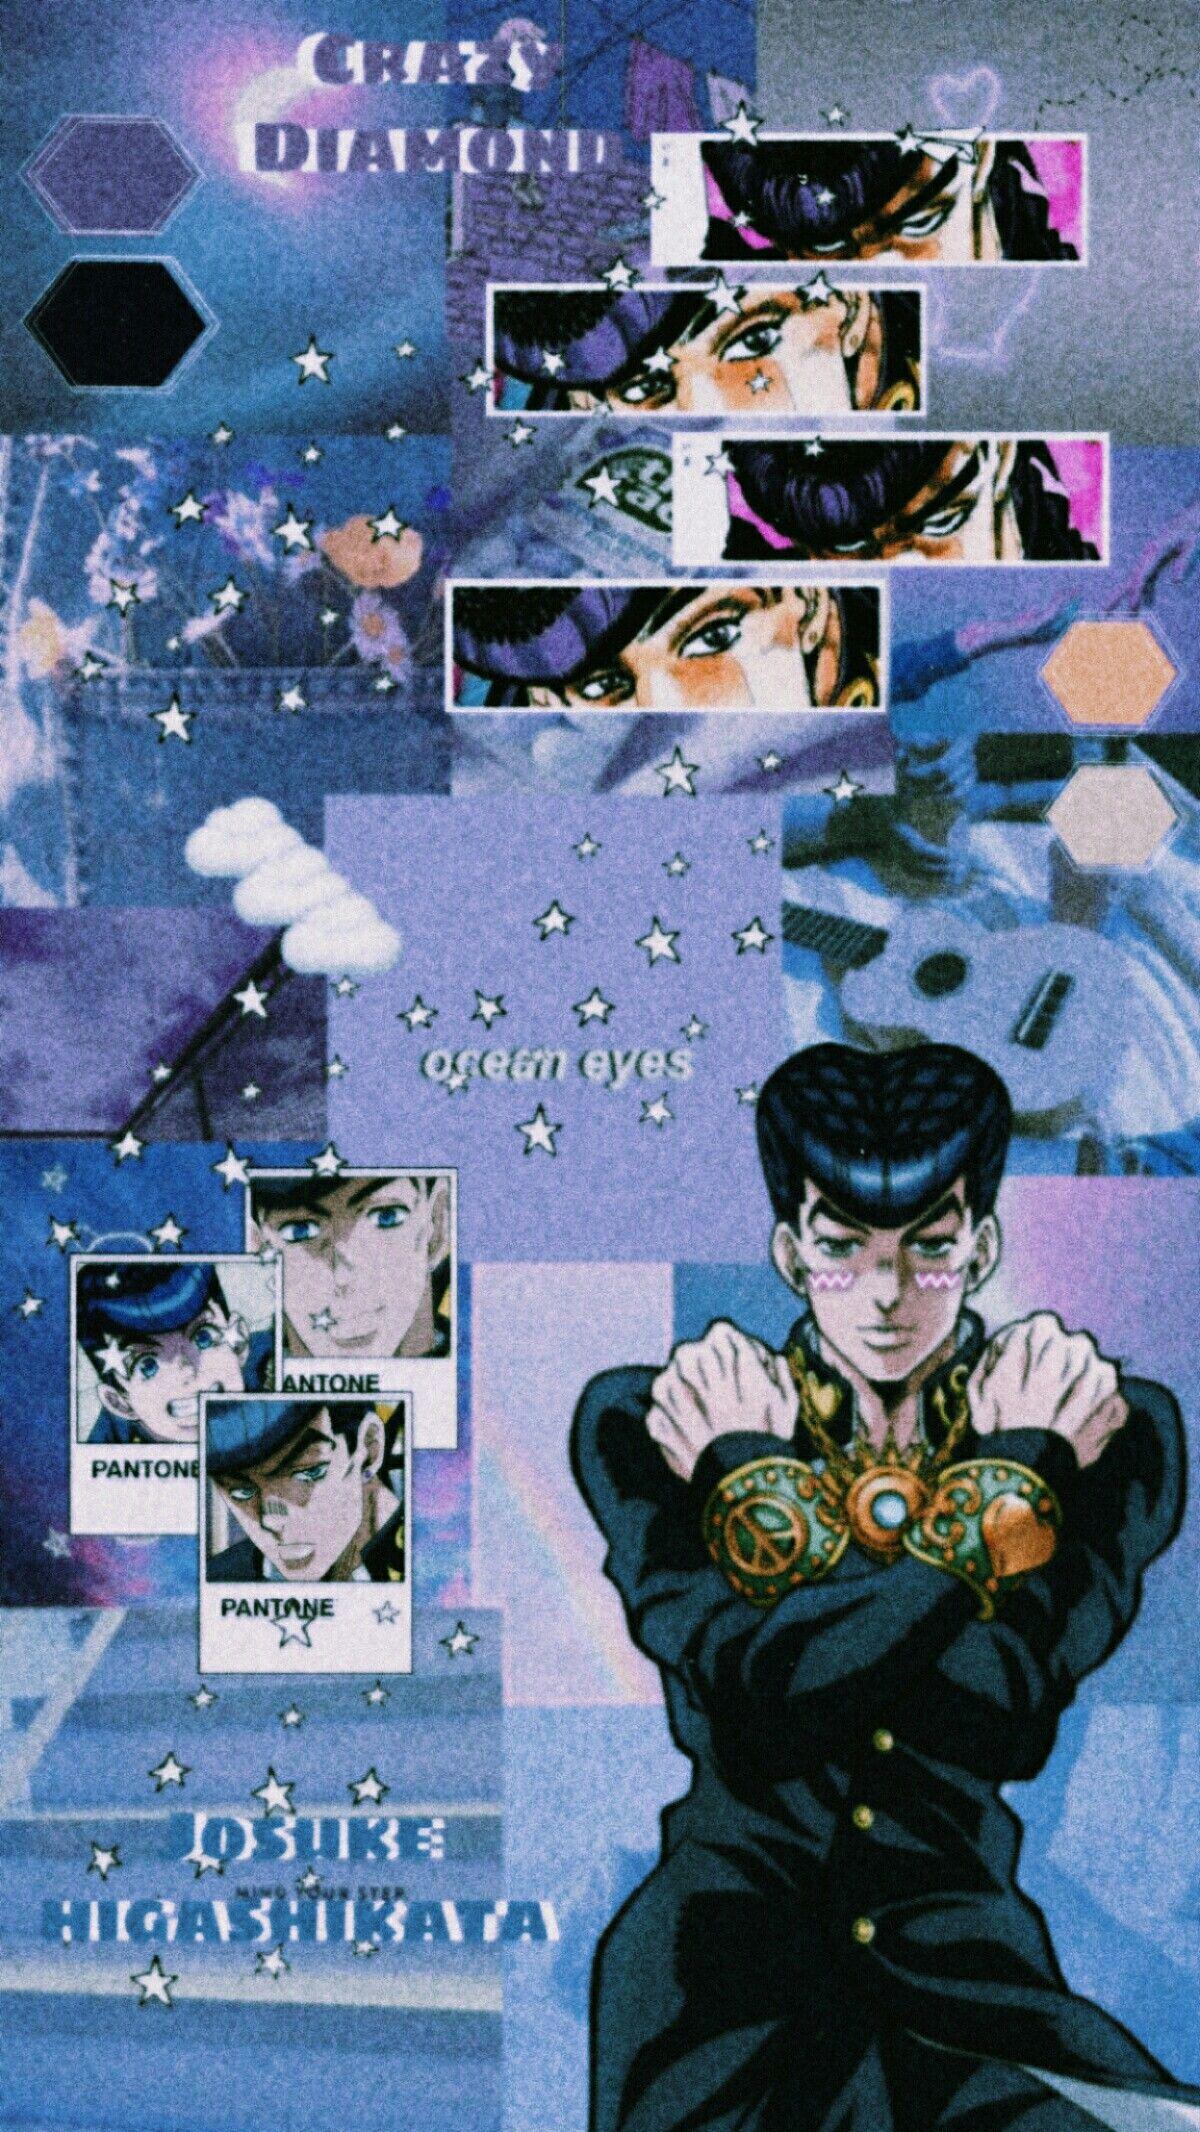 𝒥𝑜𝓈𝓊𝓀𝑒 ℋ𝒾𝑔𝒶𝓈𝒽𝒾𝓀𝒶𝓉𝒶 Jojo Anime Anime Wallpaper Aesthetic Anime